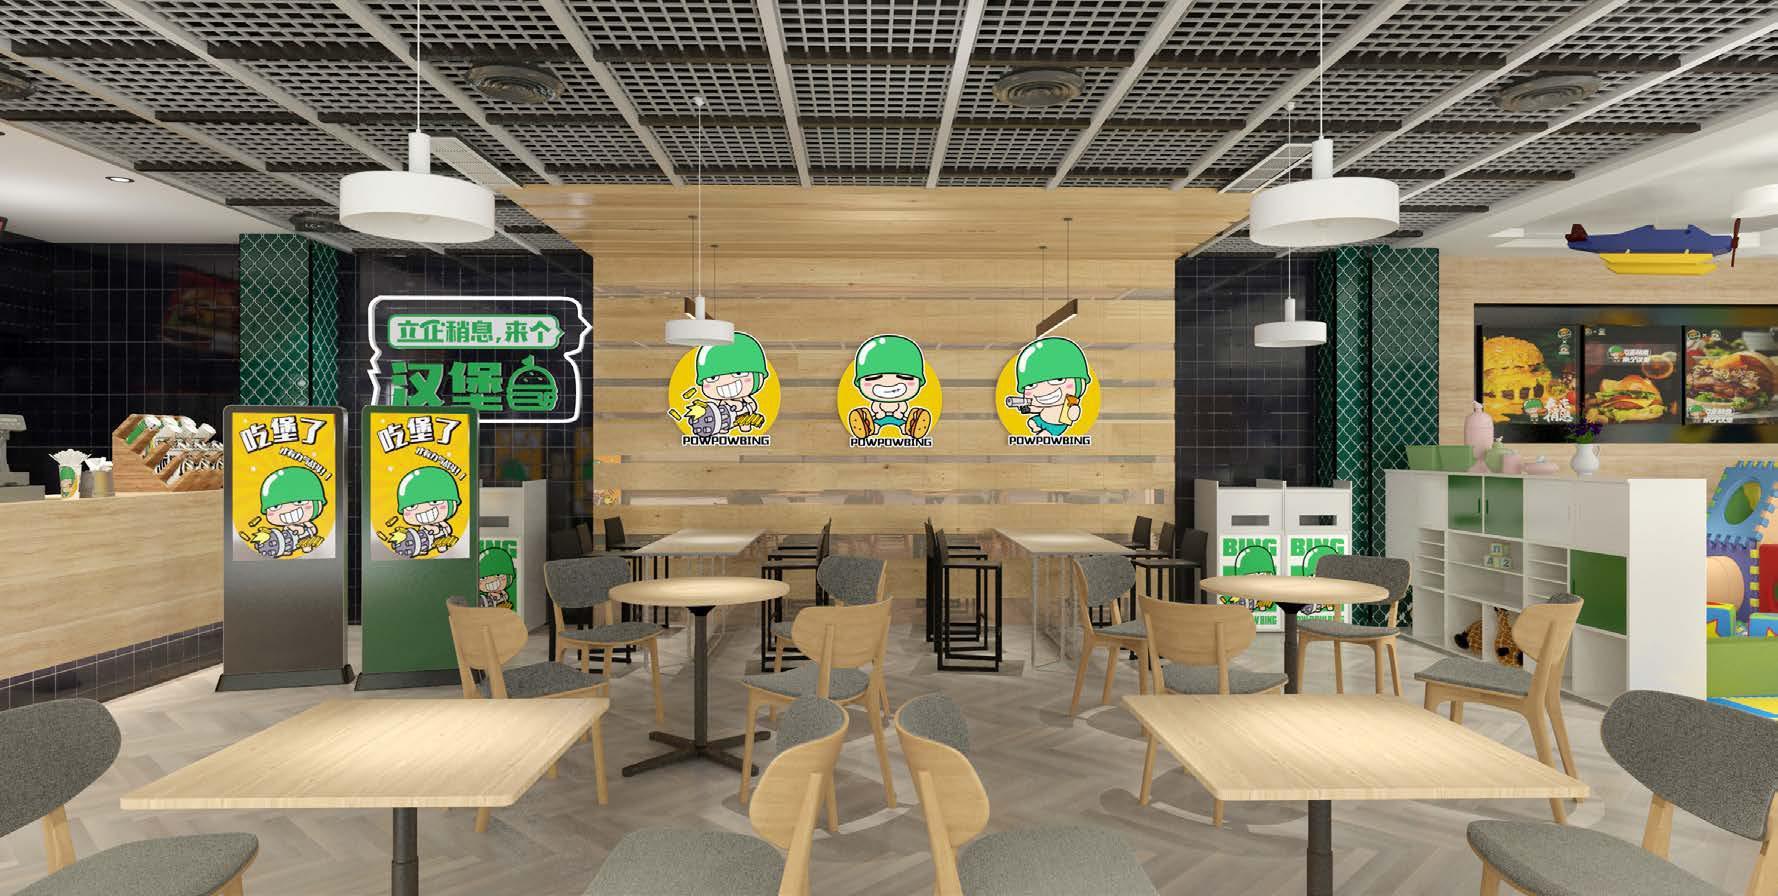 欧堡巨头来袭,威德姆餐厅立志开创西式快餐新纪元!